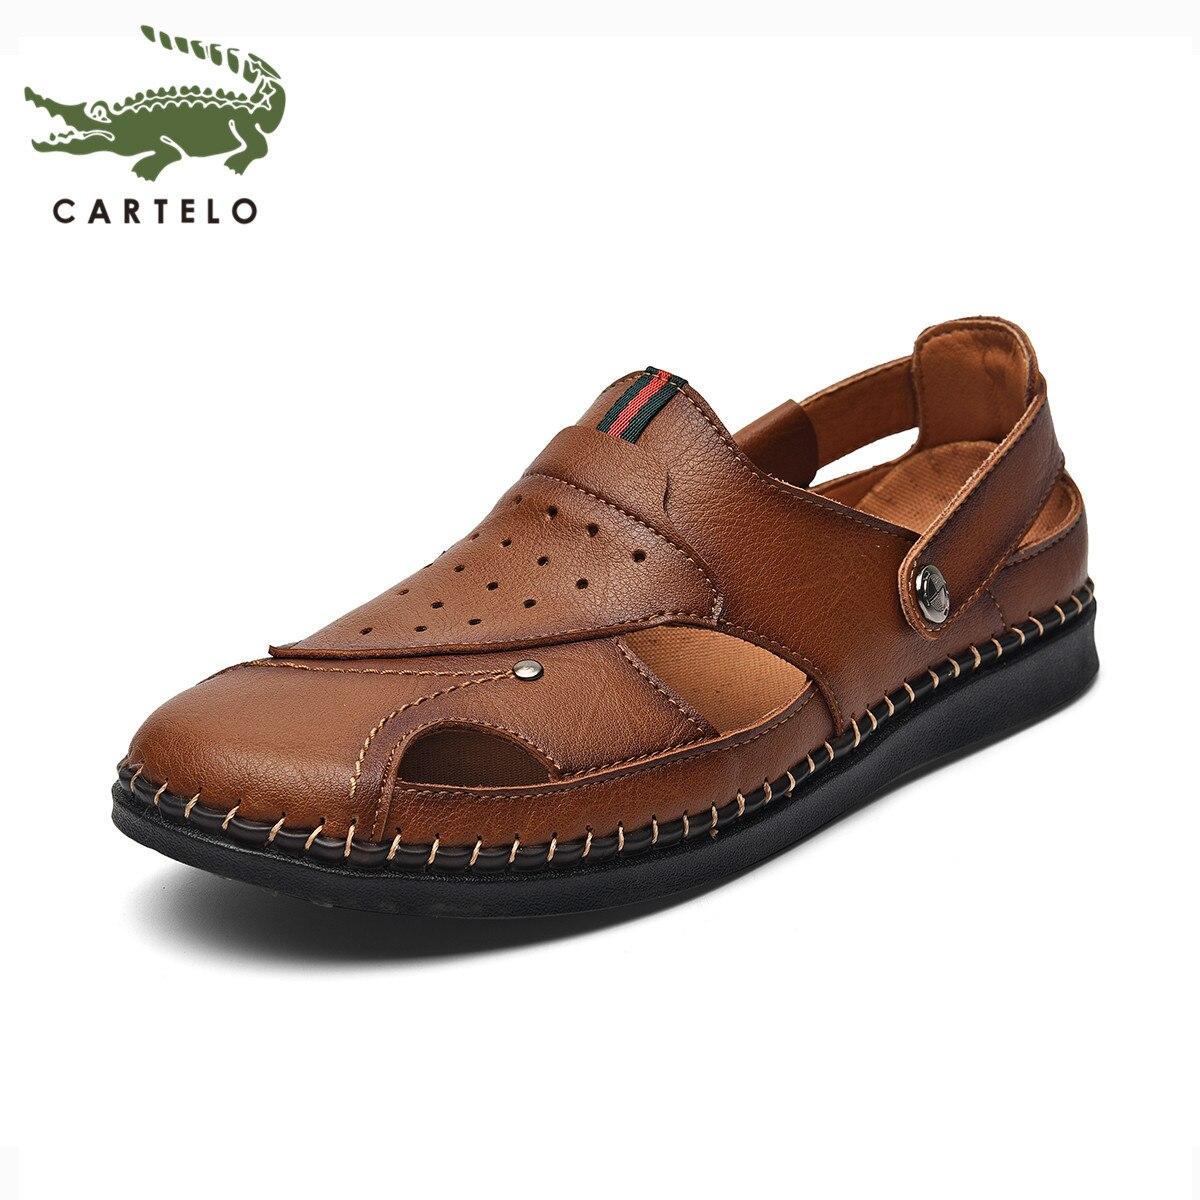 CARTELO men's shoes summer new men's beach shoes men's wear-resistant breathable non-slip Baotou shoes men